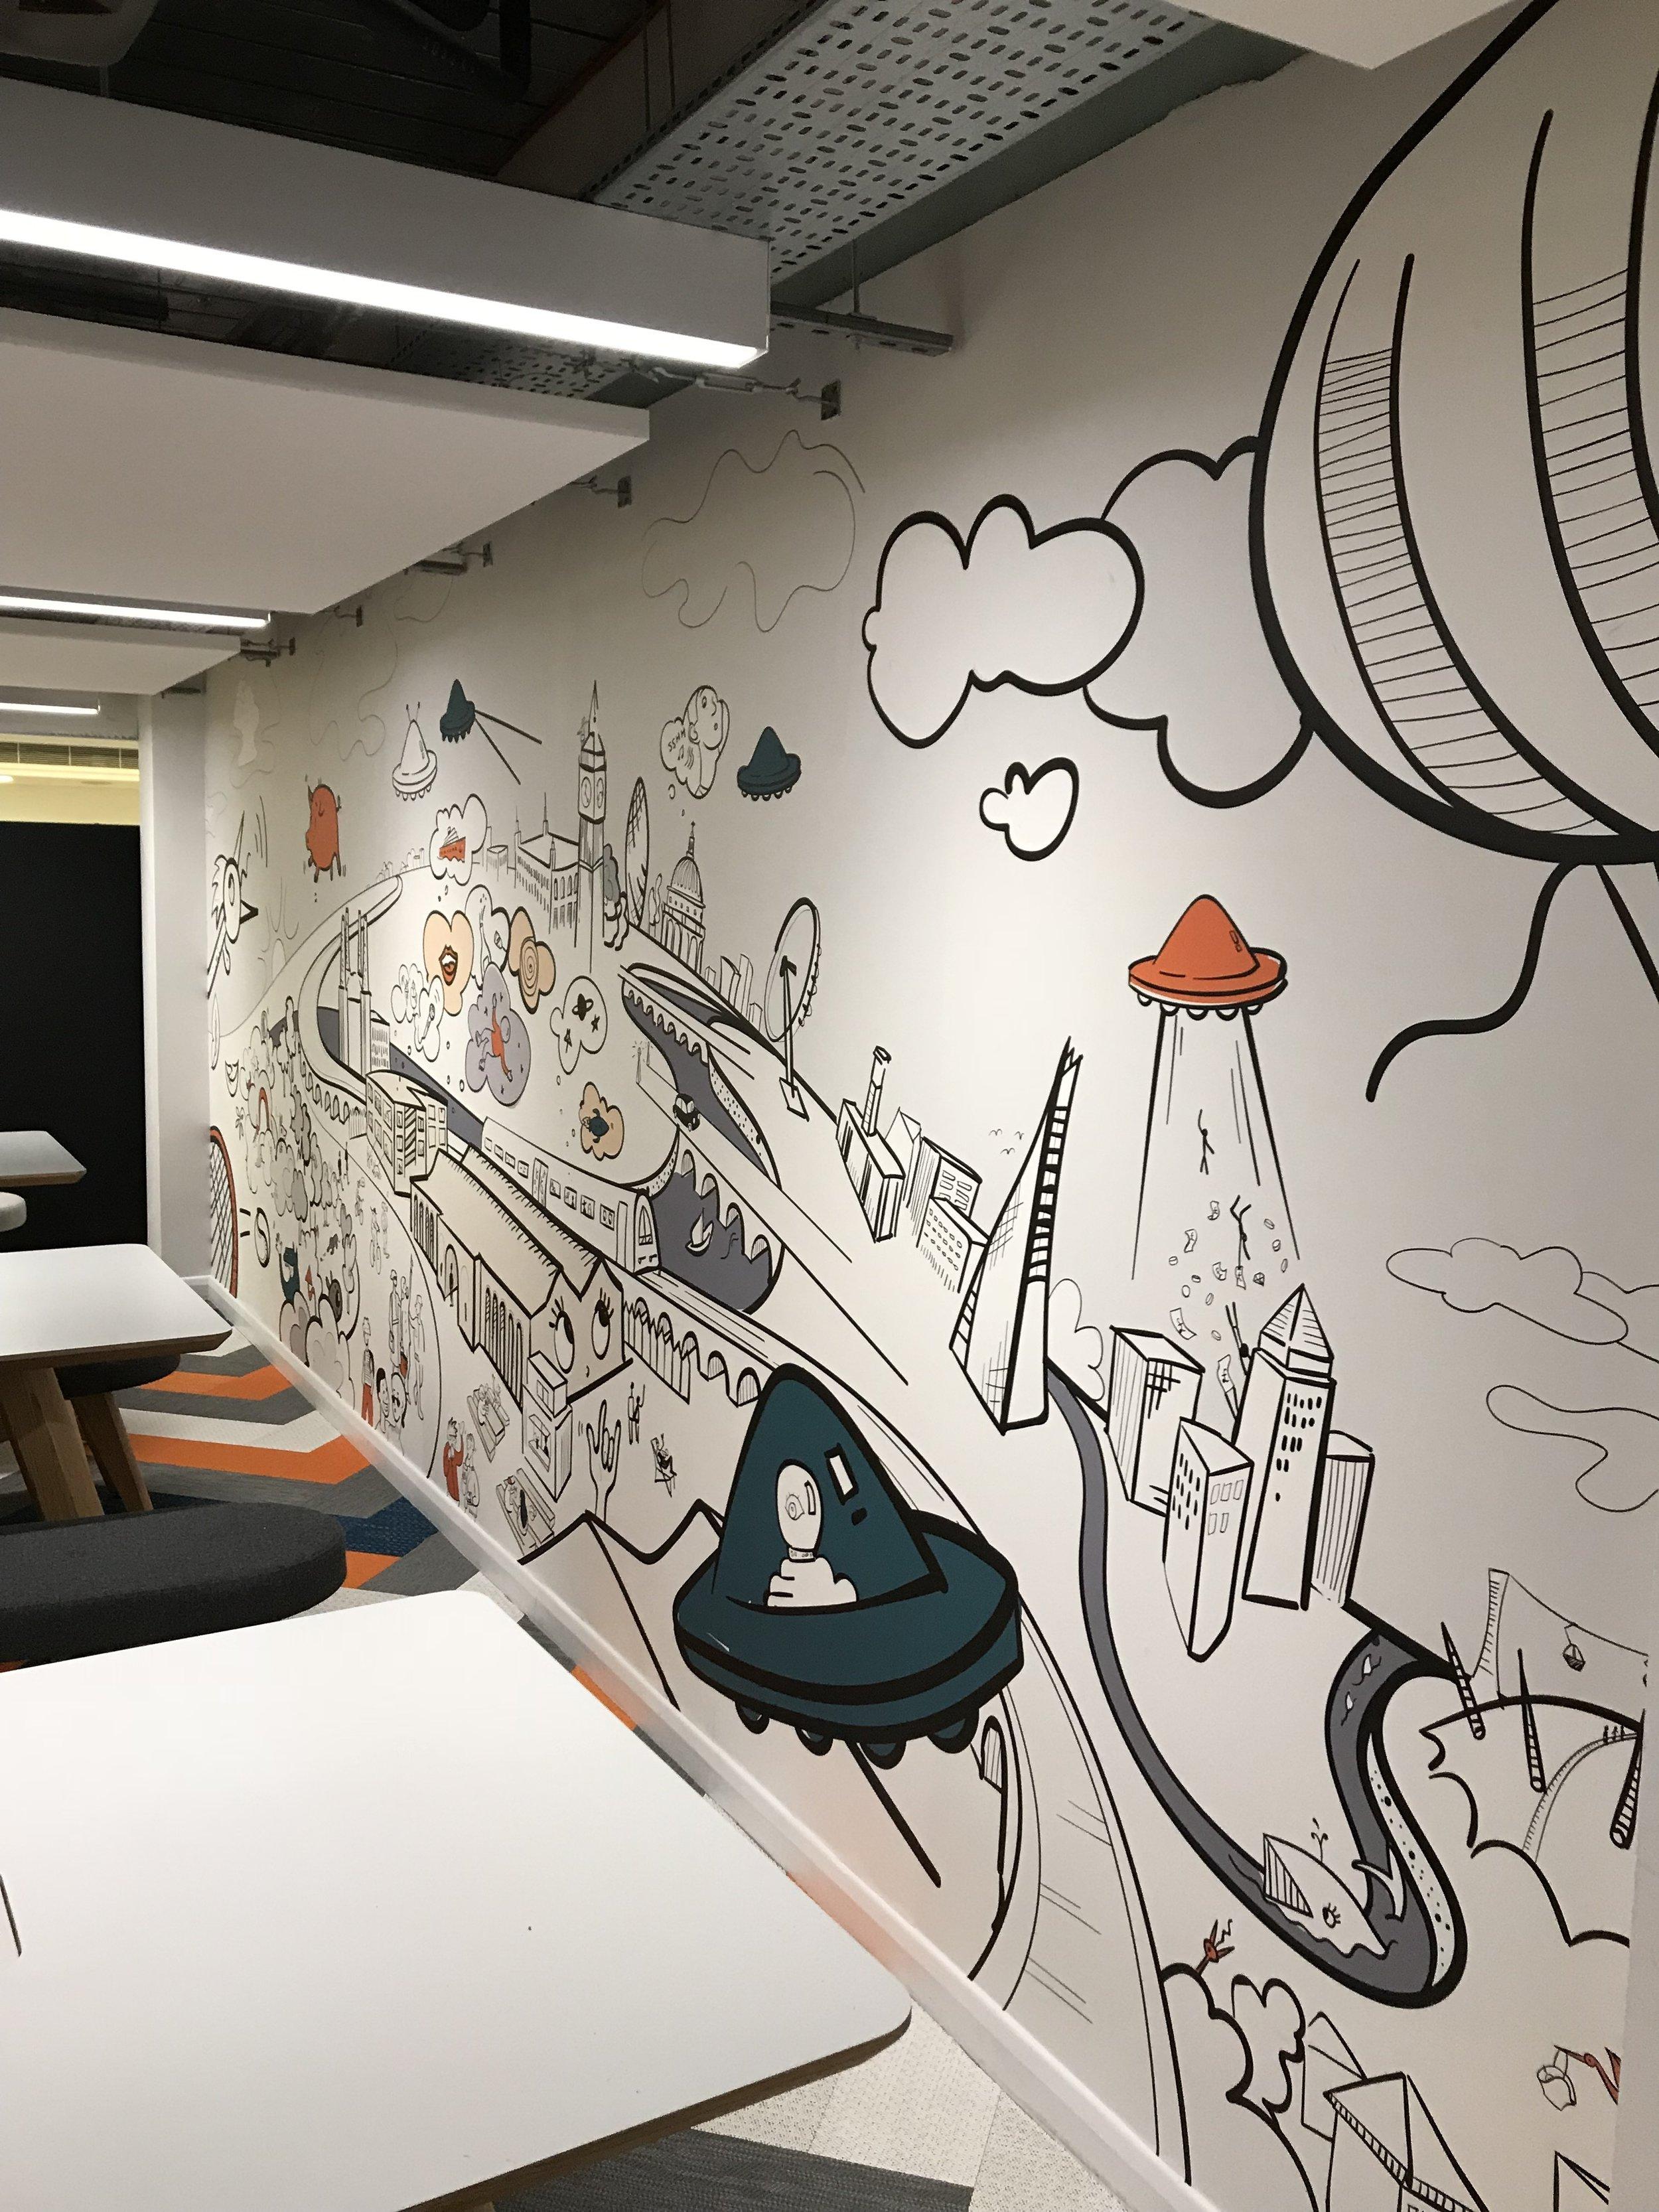 Digital Wallpaper - Offices